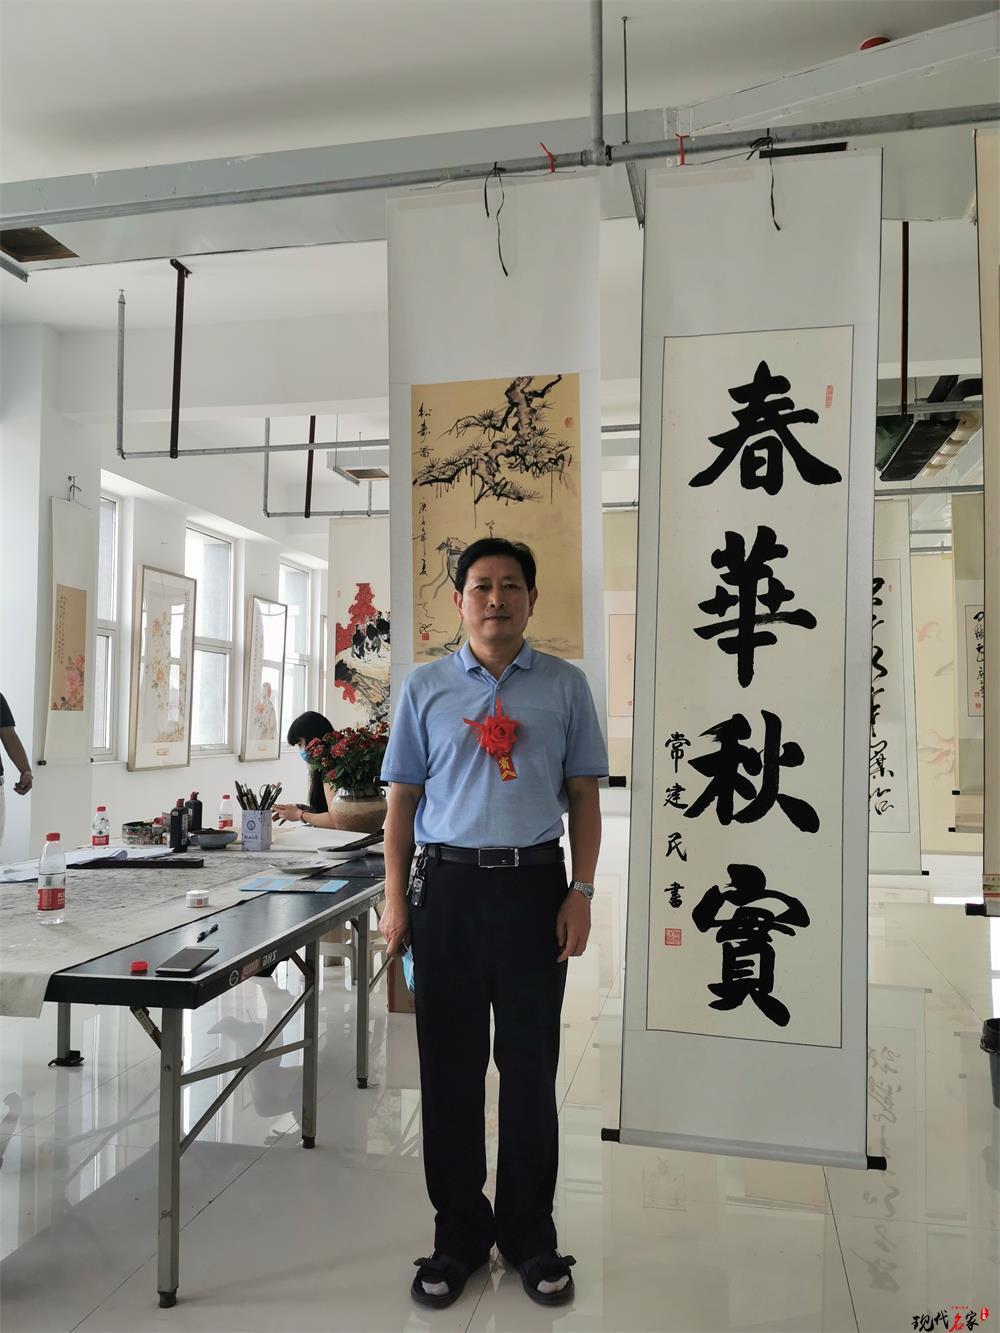 中国现代书法家——常建民、马万家-第3张